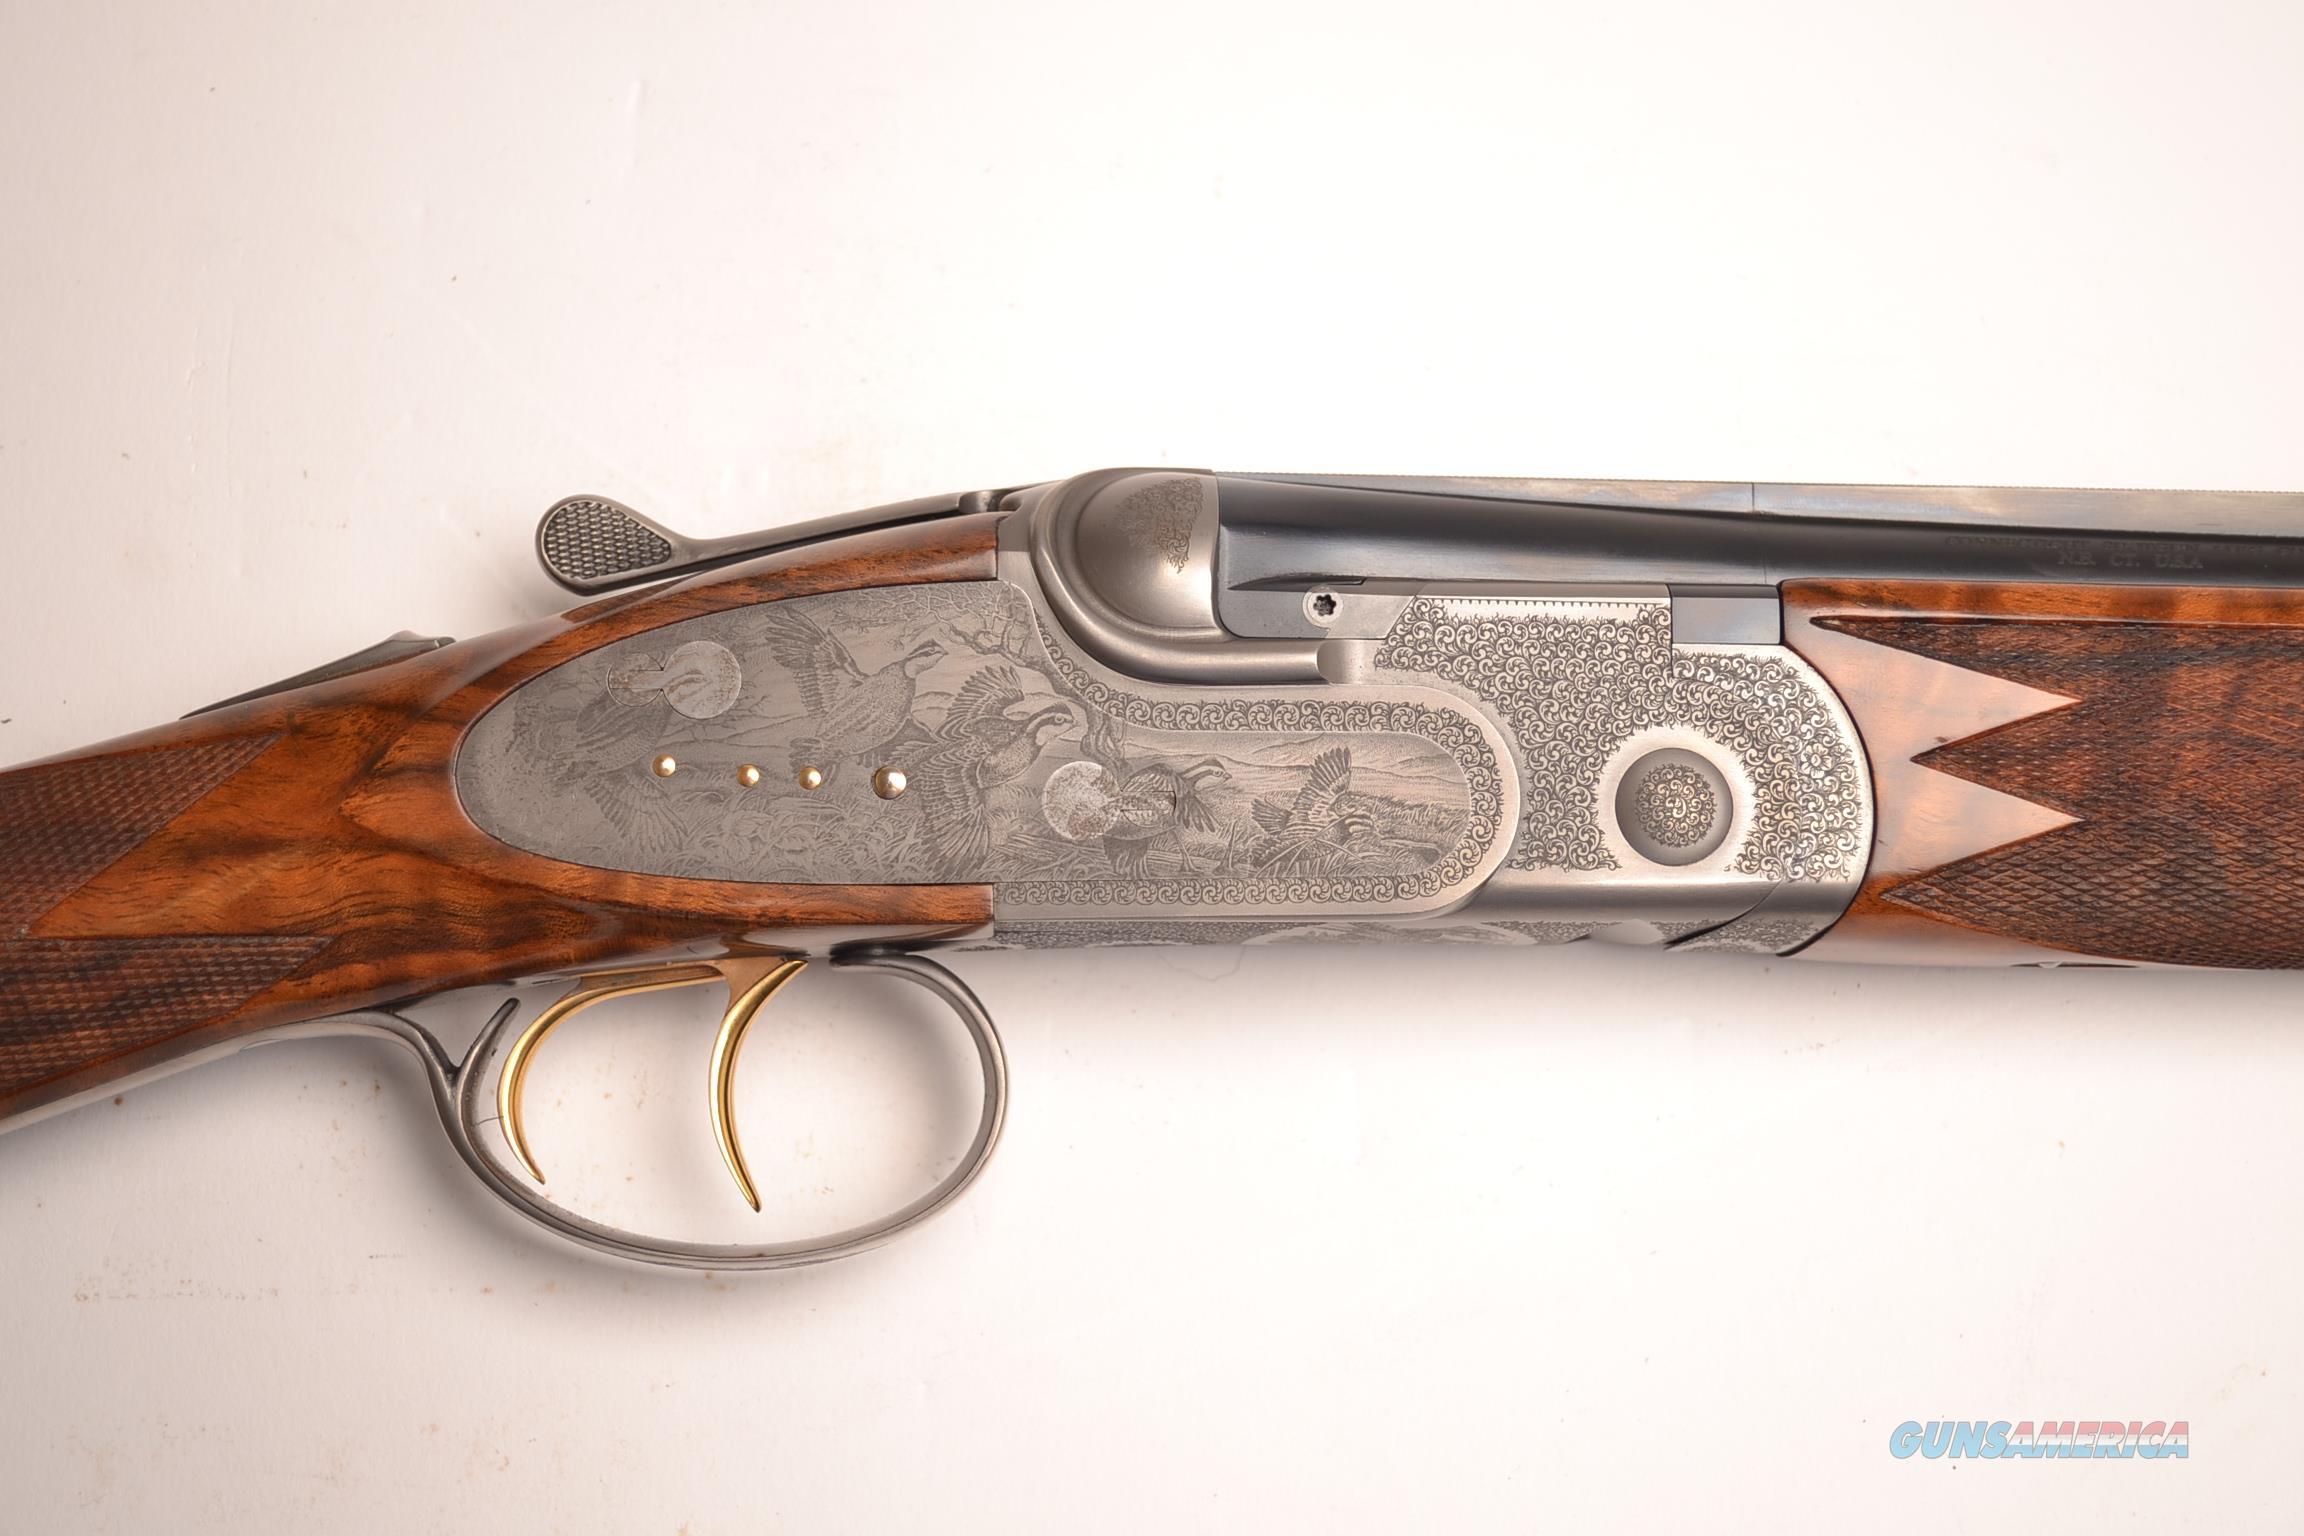 CSMC - A10 Platinum with Quail Engraving Pattern, 28ga.  Guns > Shotguns > Connecticut (Galazan) Shotguns